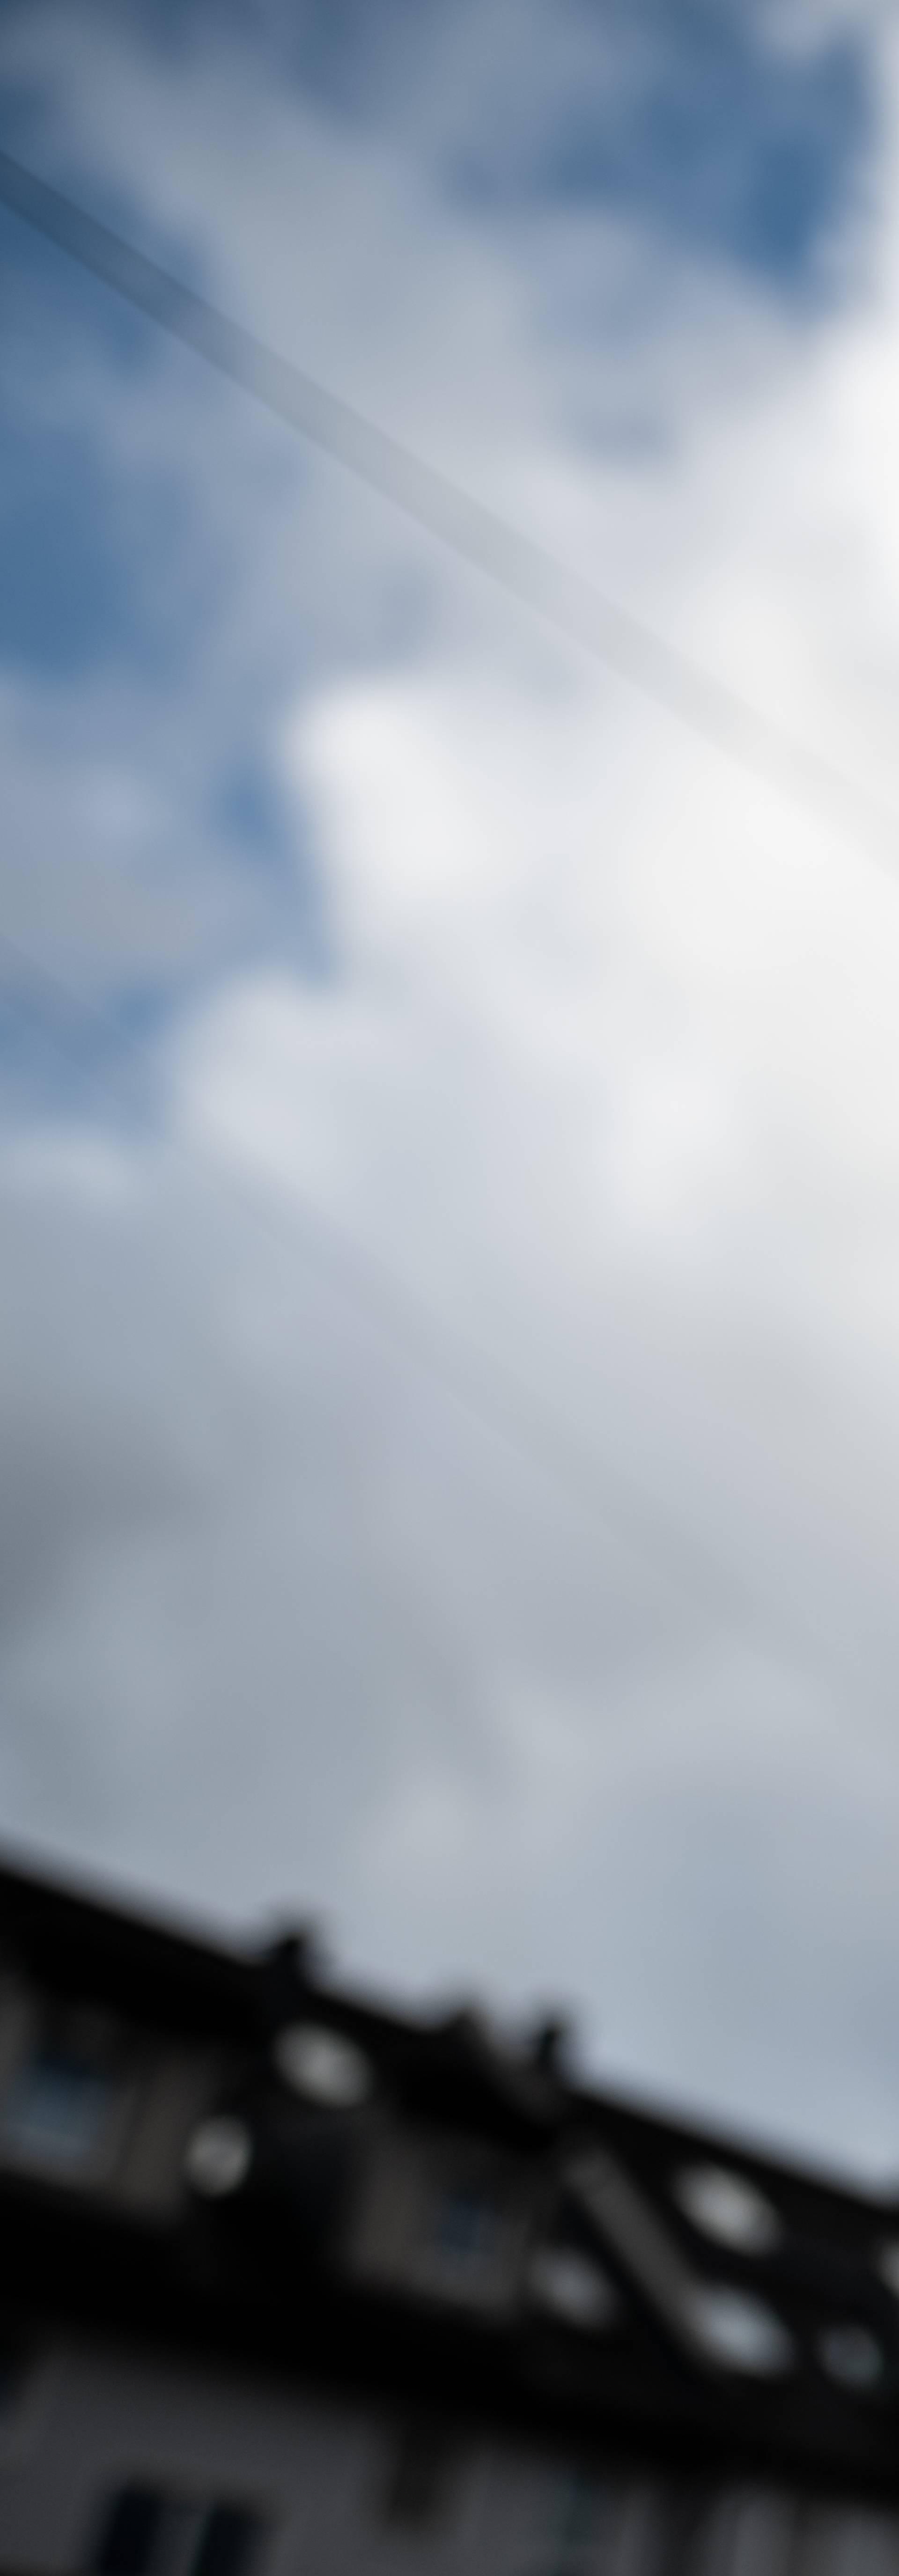 Korona virus potvrđen u Alžiru i Brazilu: Došao je iz Italije